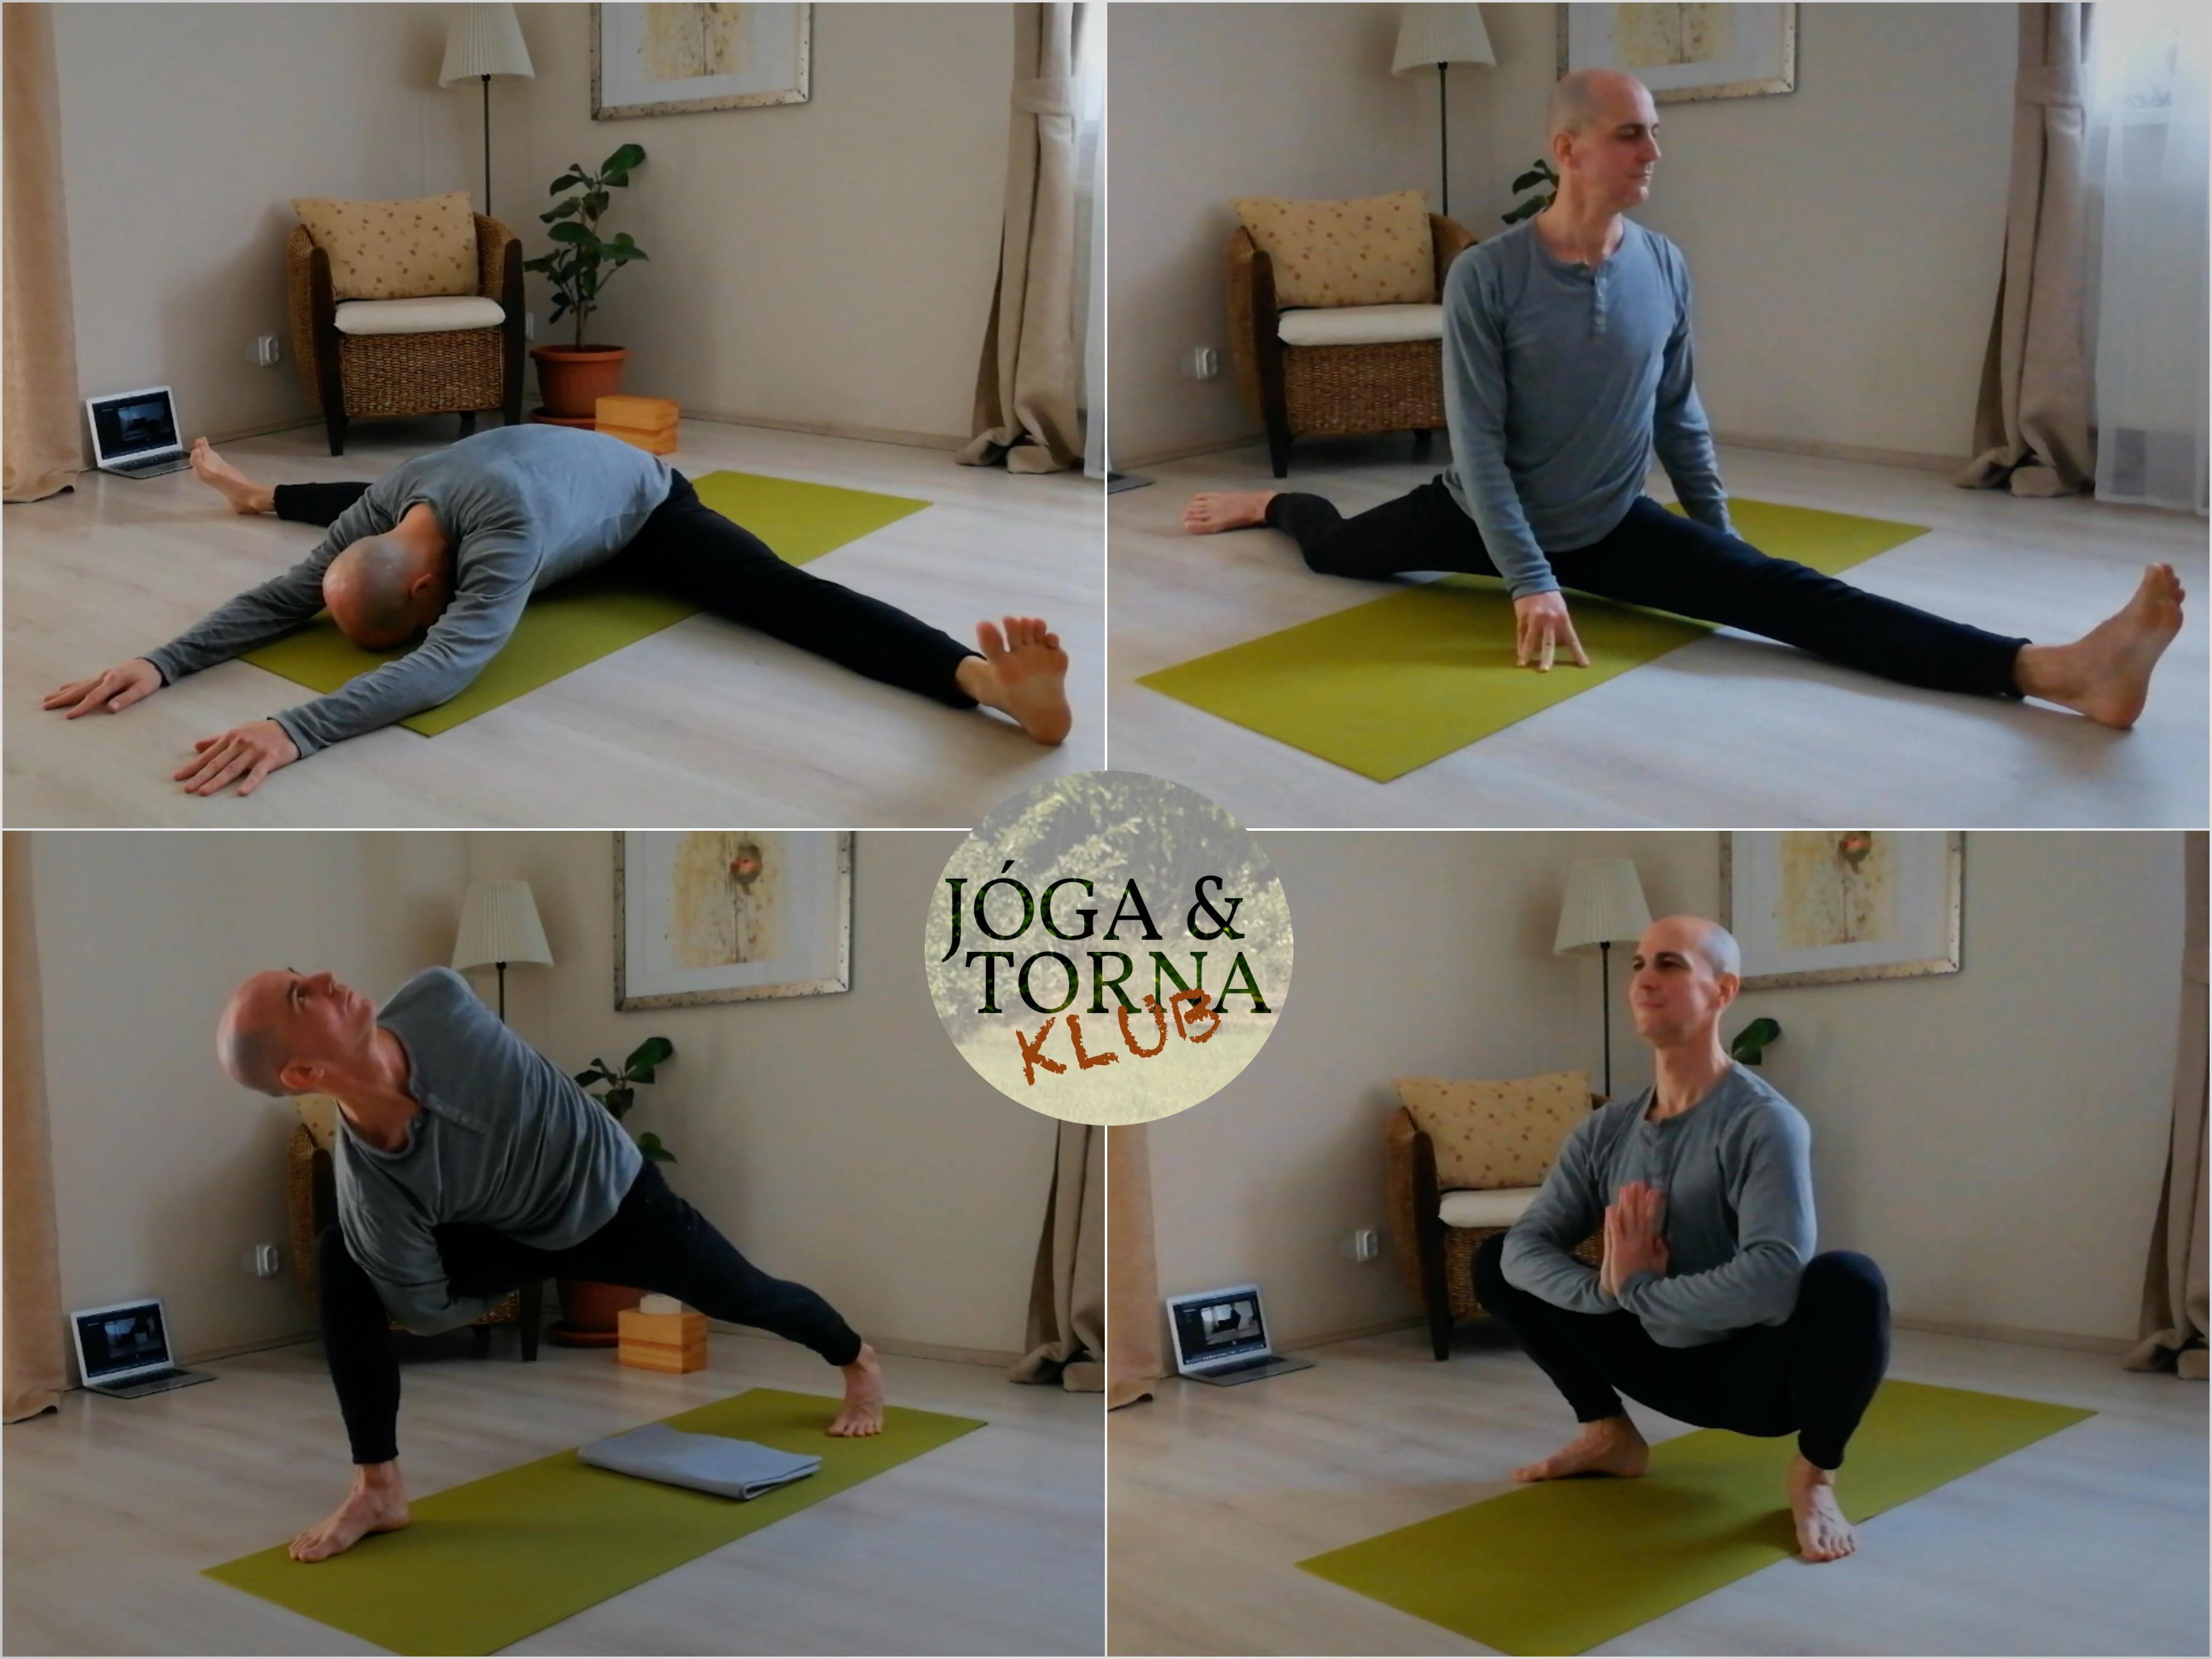 mivel a jóga segít a fogyásbane